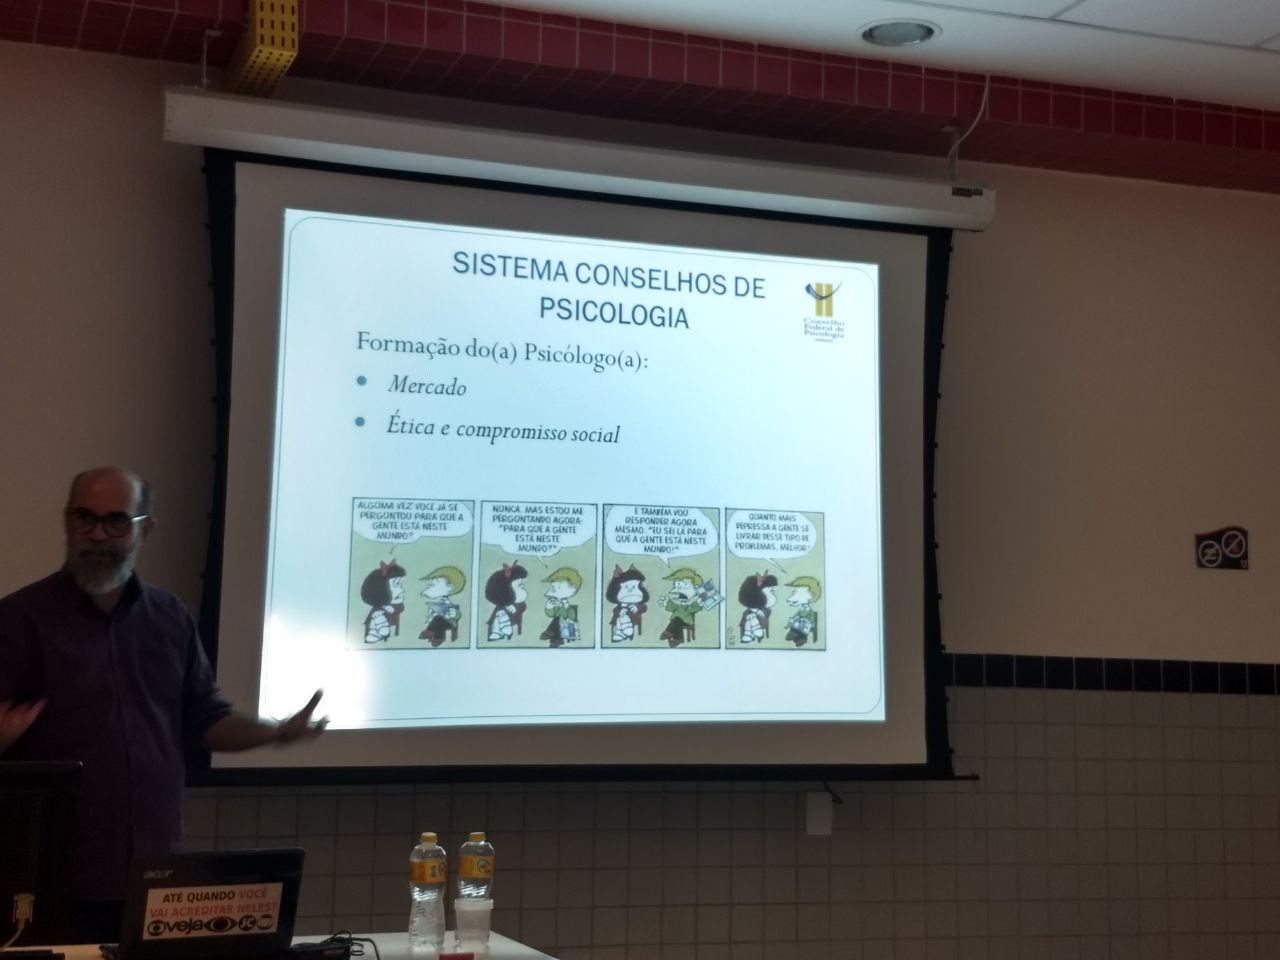 Curso de Psicologia realiza palestra com Conselho Federal de Psicologia - Universo Recife 1